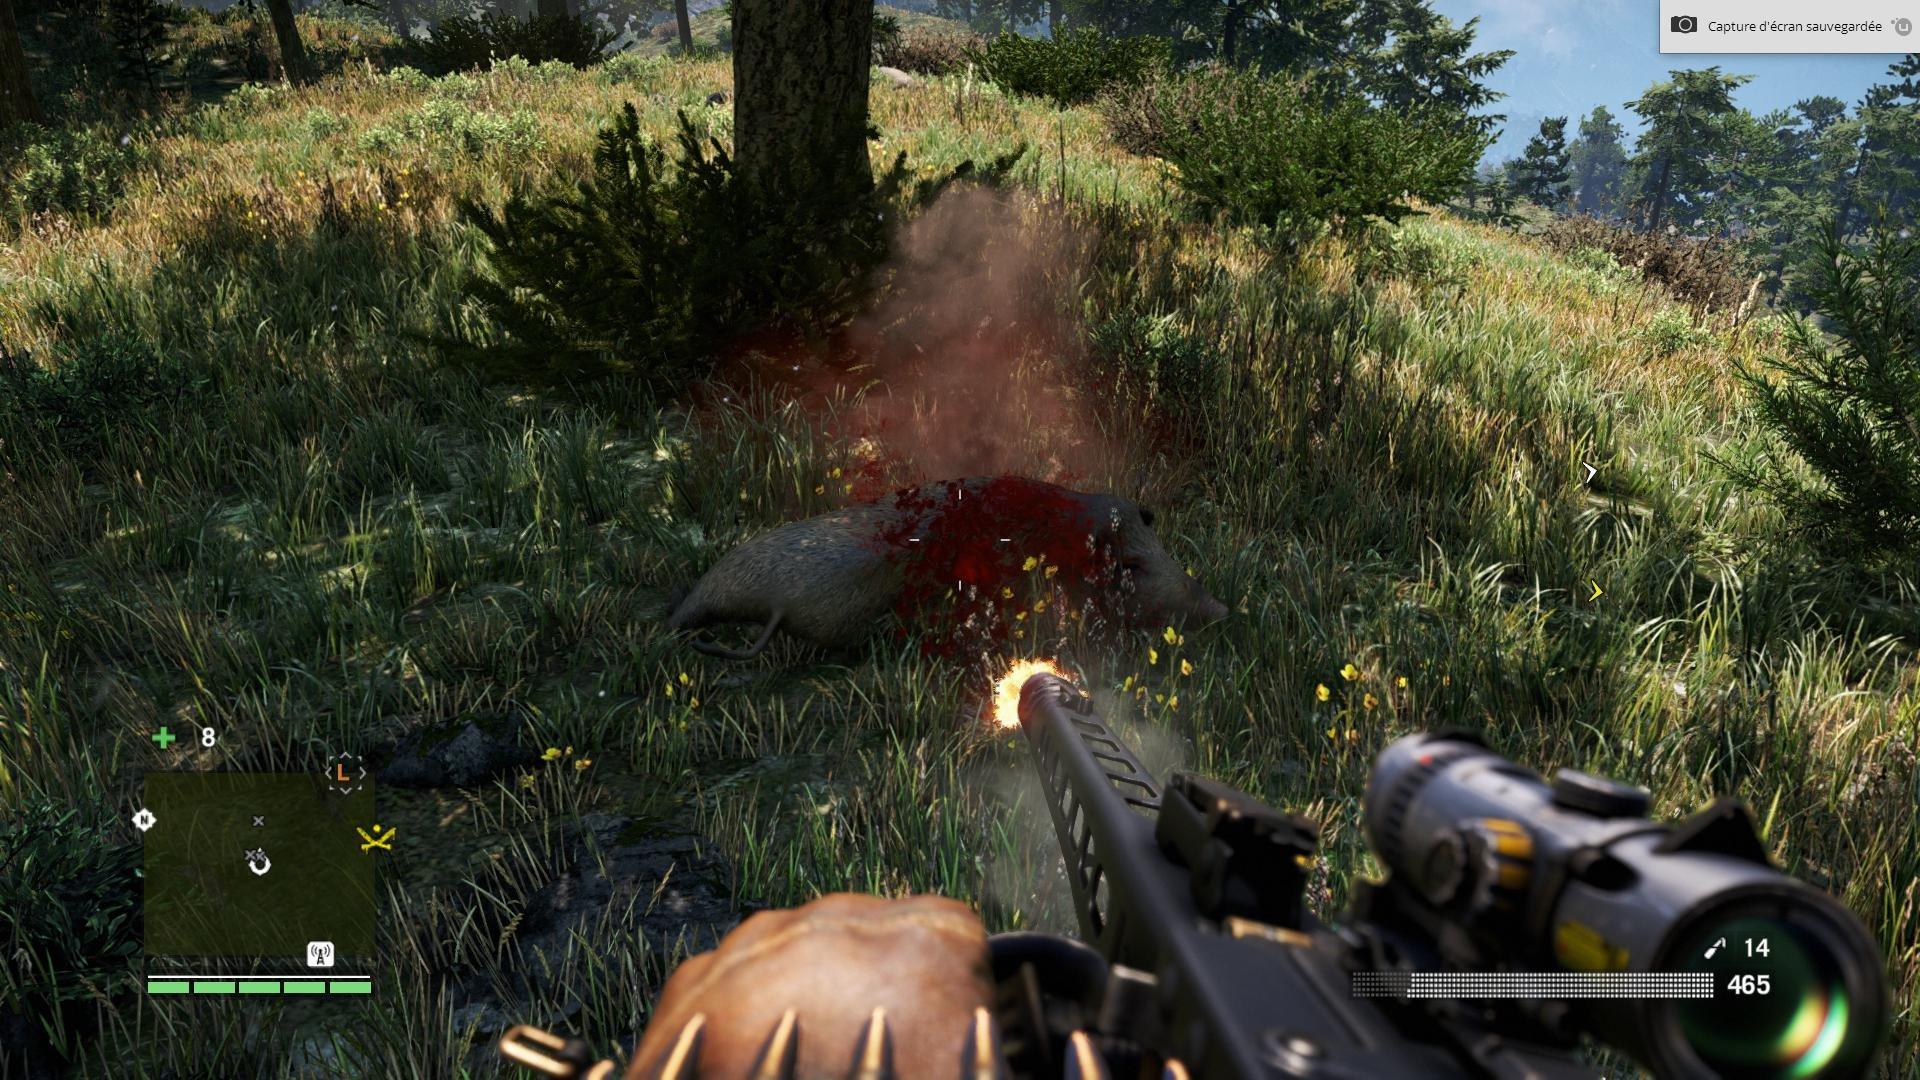 Far  Cry 4 - Page 2 C640f5c7-196d-4ff3-8d7b-027364d978ea